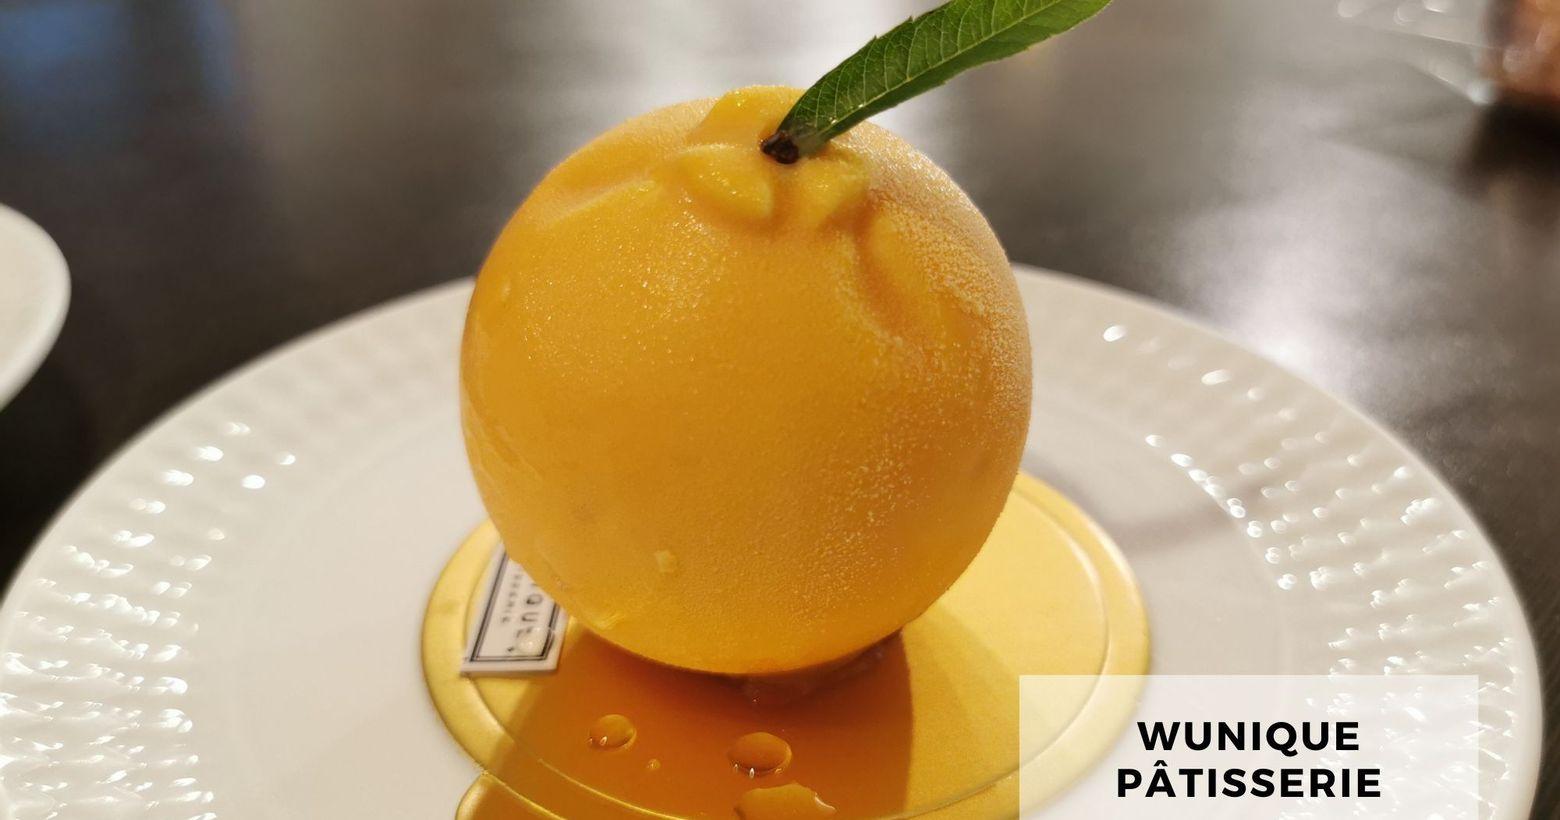 《 甜點午茶 》⠸ 吳一無二法式甜點/wunique pâtisserie⠸ 果物慕斯⠸ 蛋糕櫃裡滿